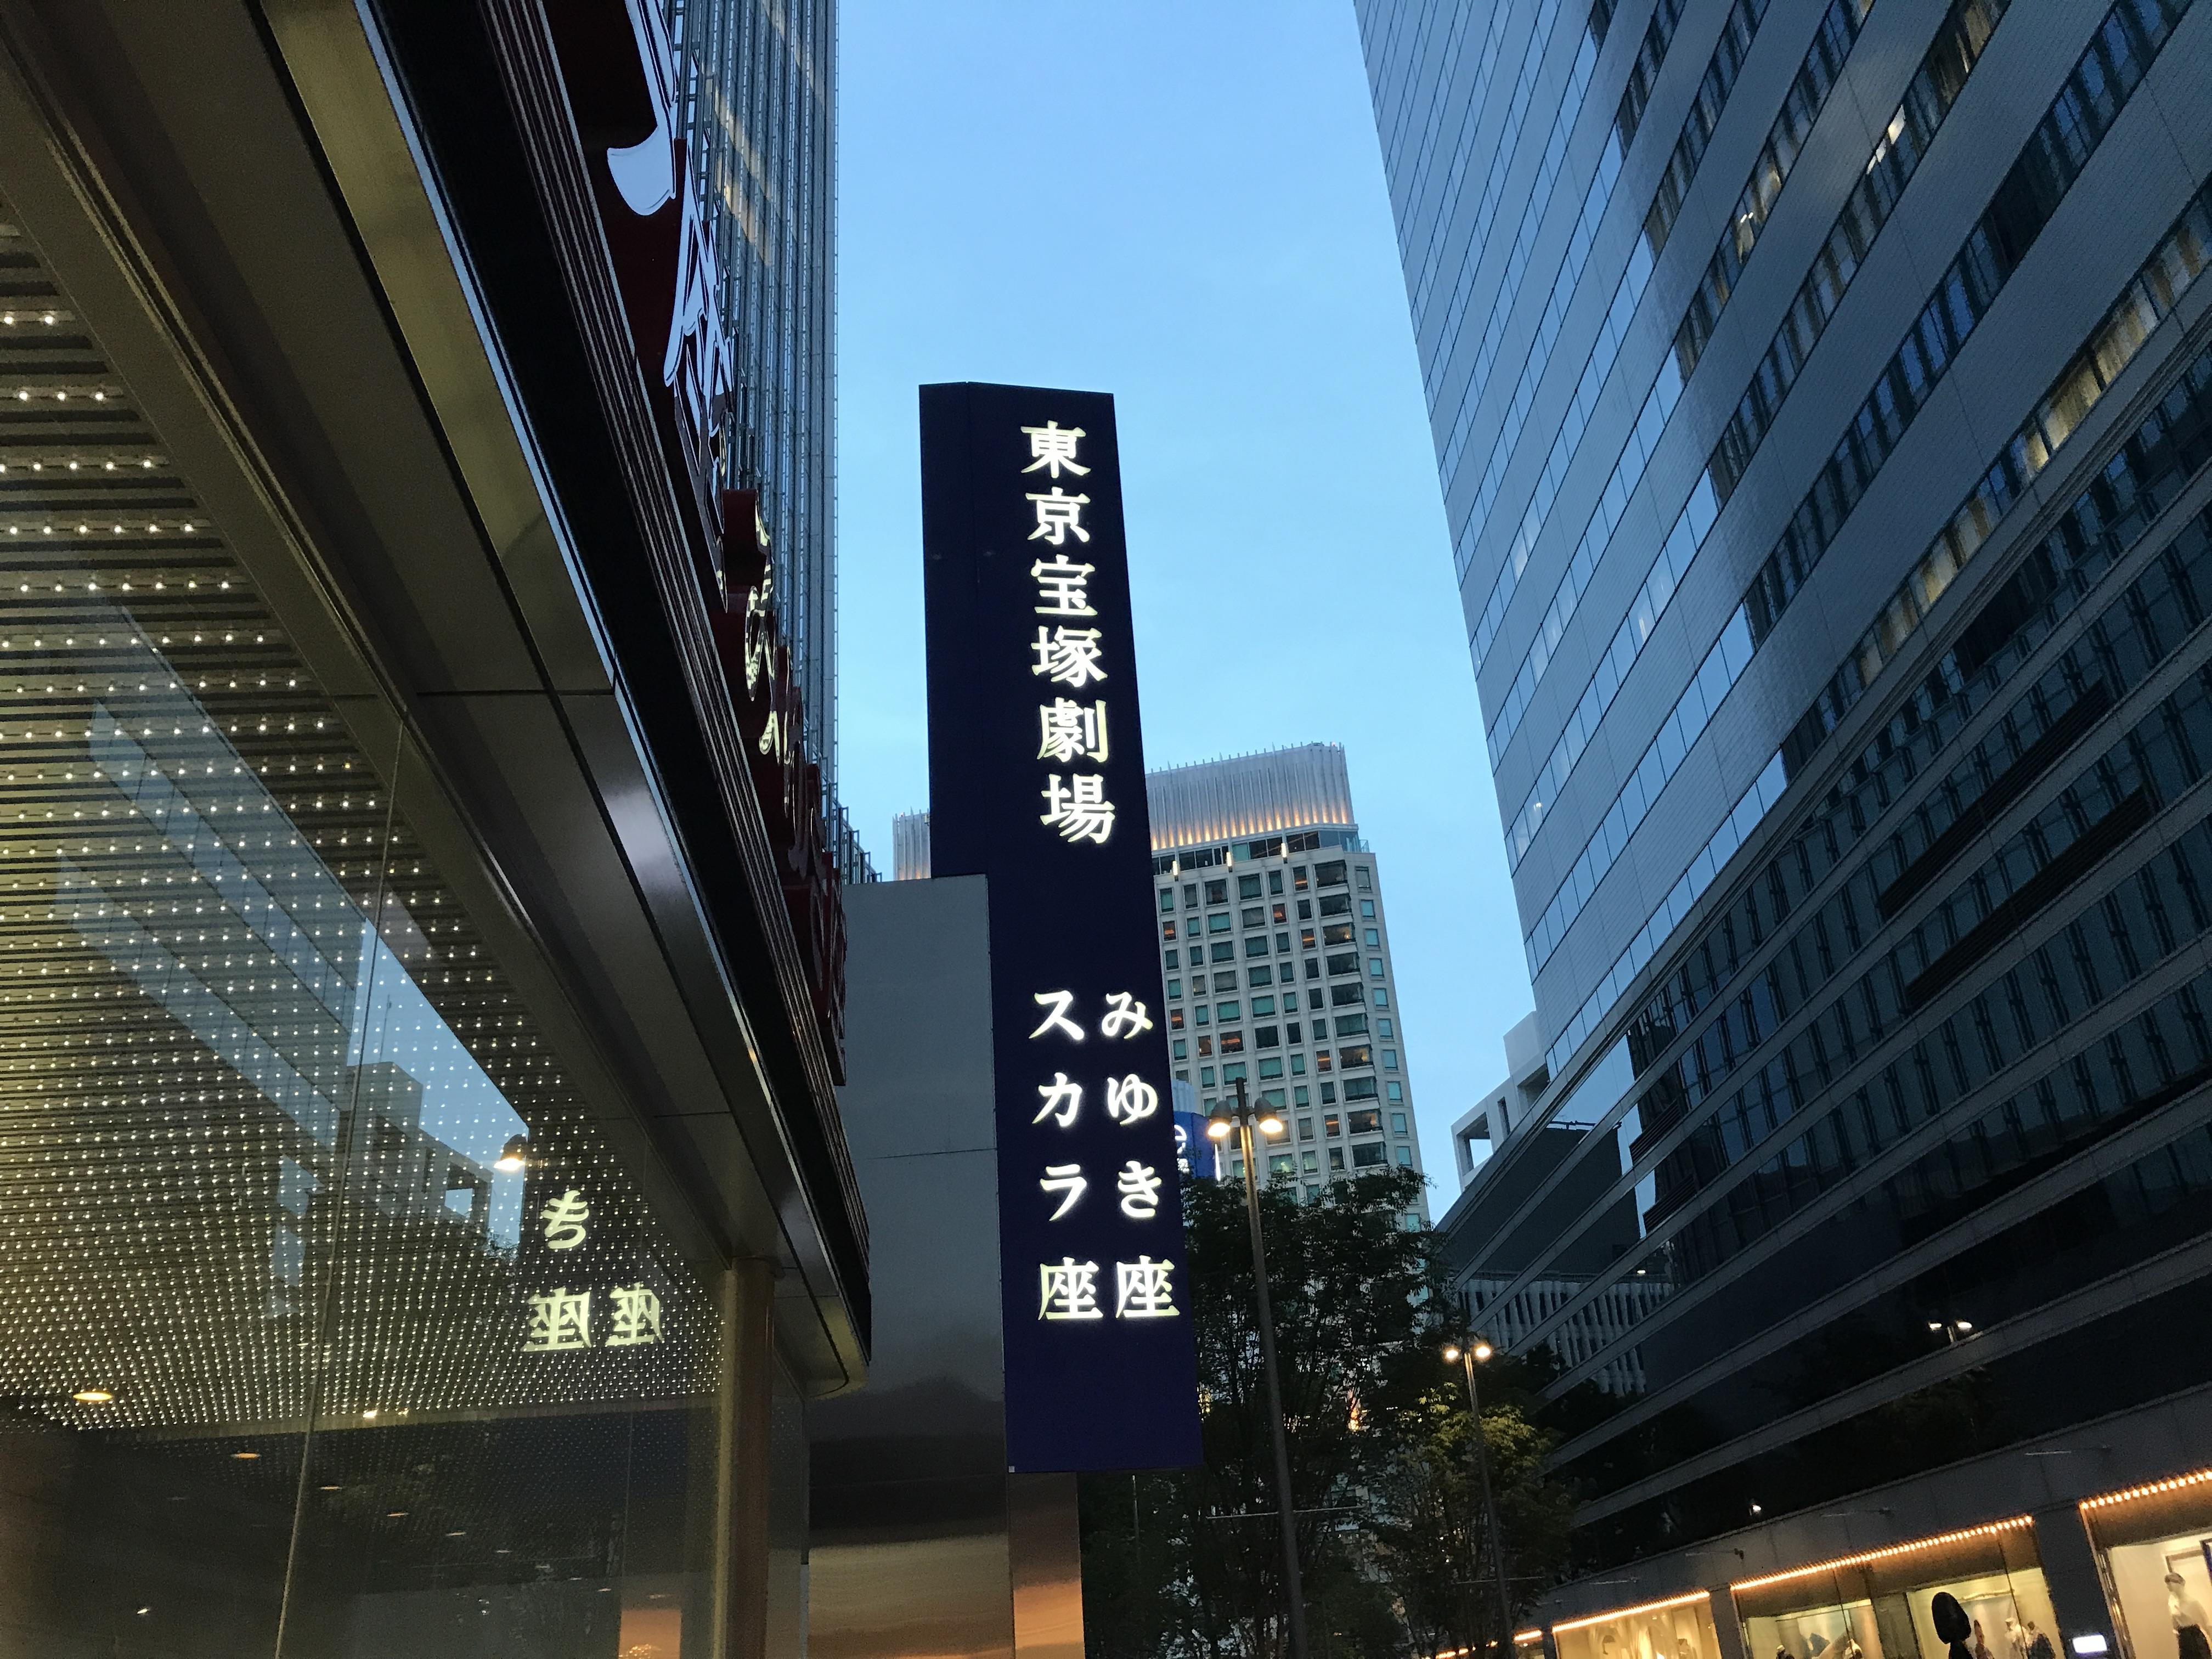 星組東京公演 スカーレット・ピンパーネル